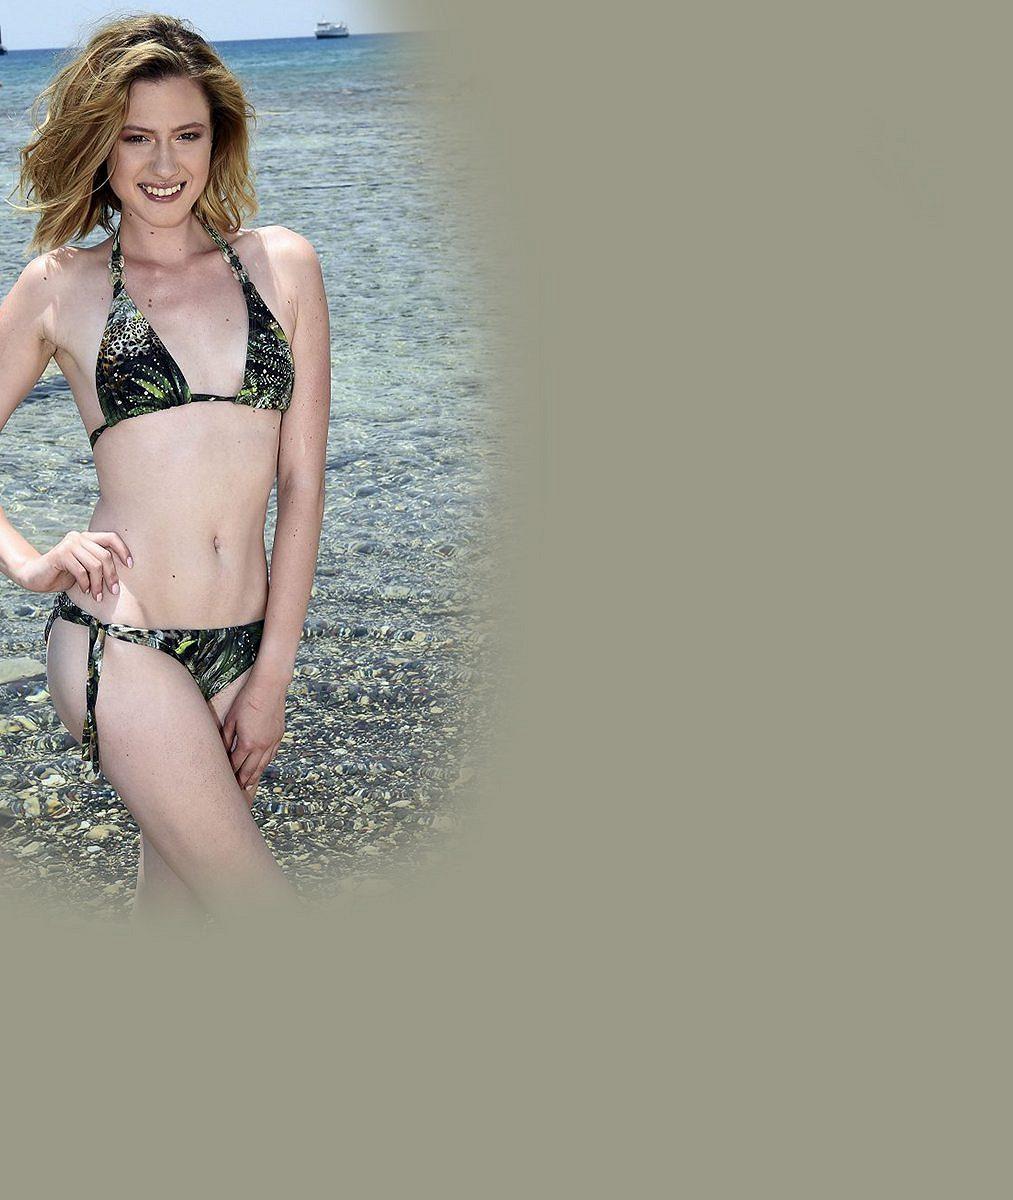 Než se na dovolené spálila, nechala se vyfotit nahá! Kráska zMiss iSuperStar ukázala snědé tělo azářivě bílý zadeček